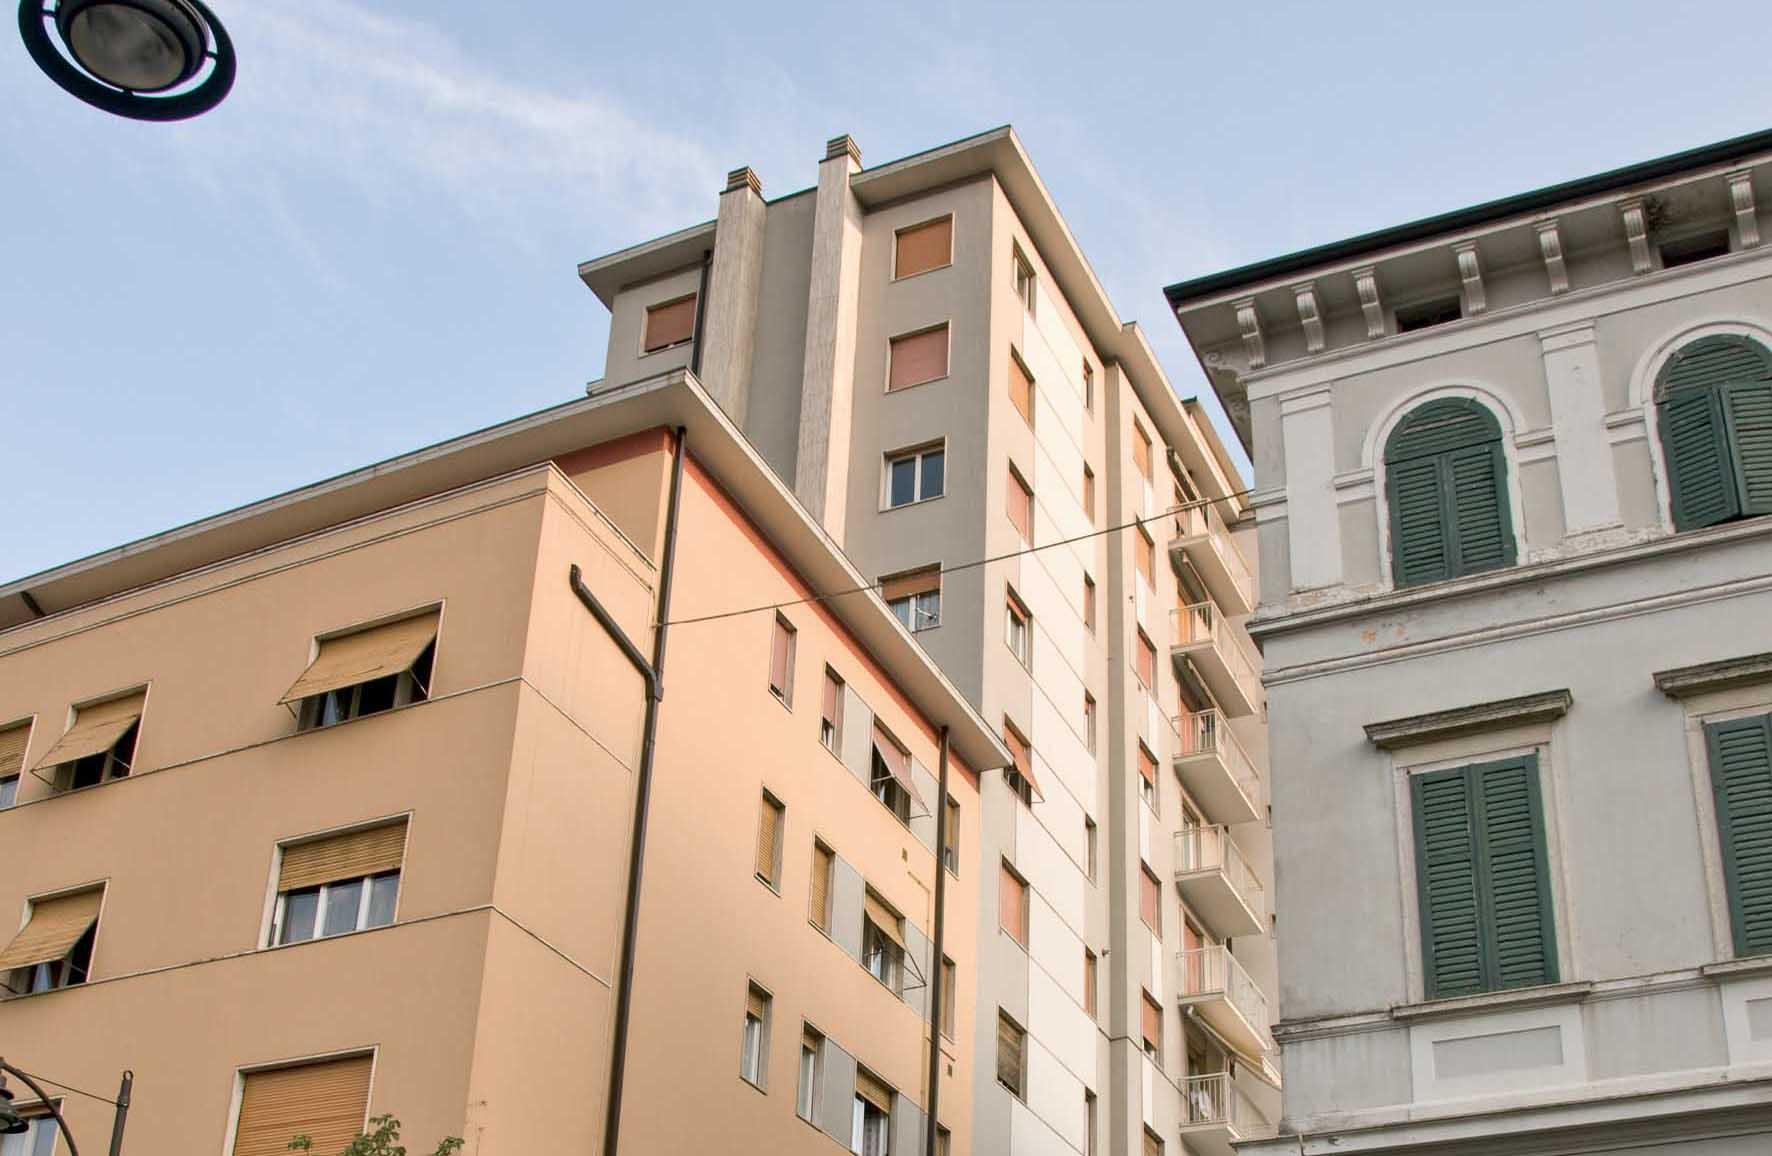 Rovereto zona stazione autocorriere corso rosmini palazzo condominio alto 11 piani 1